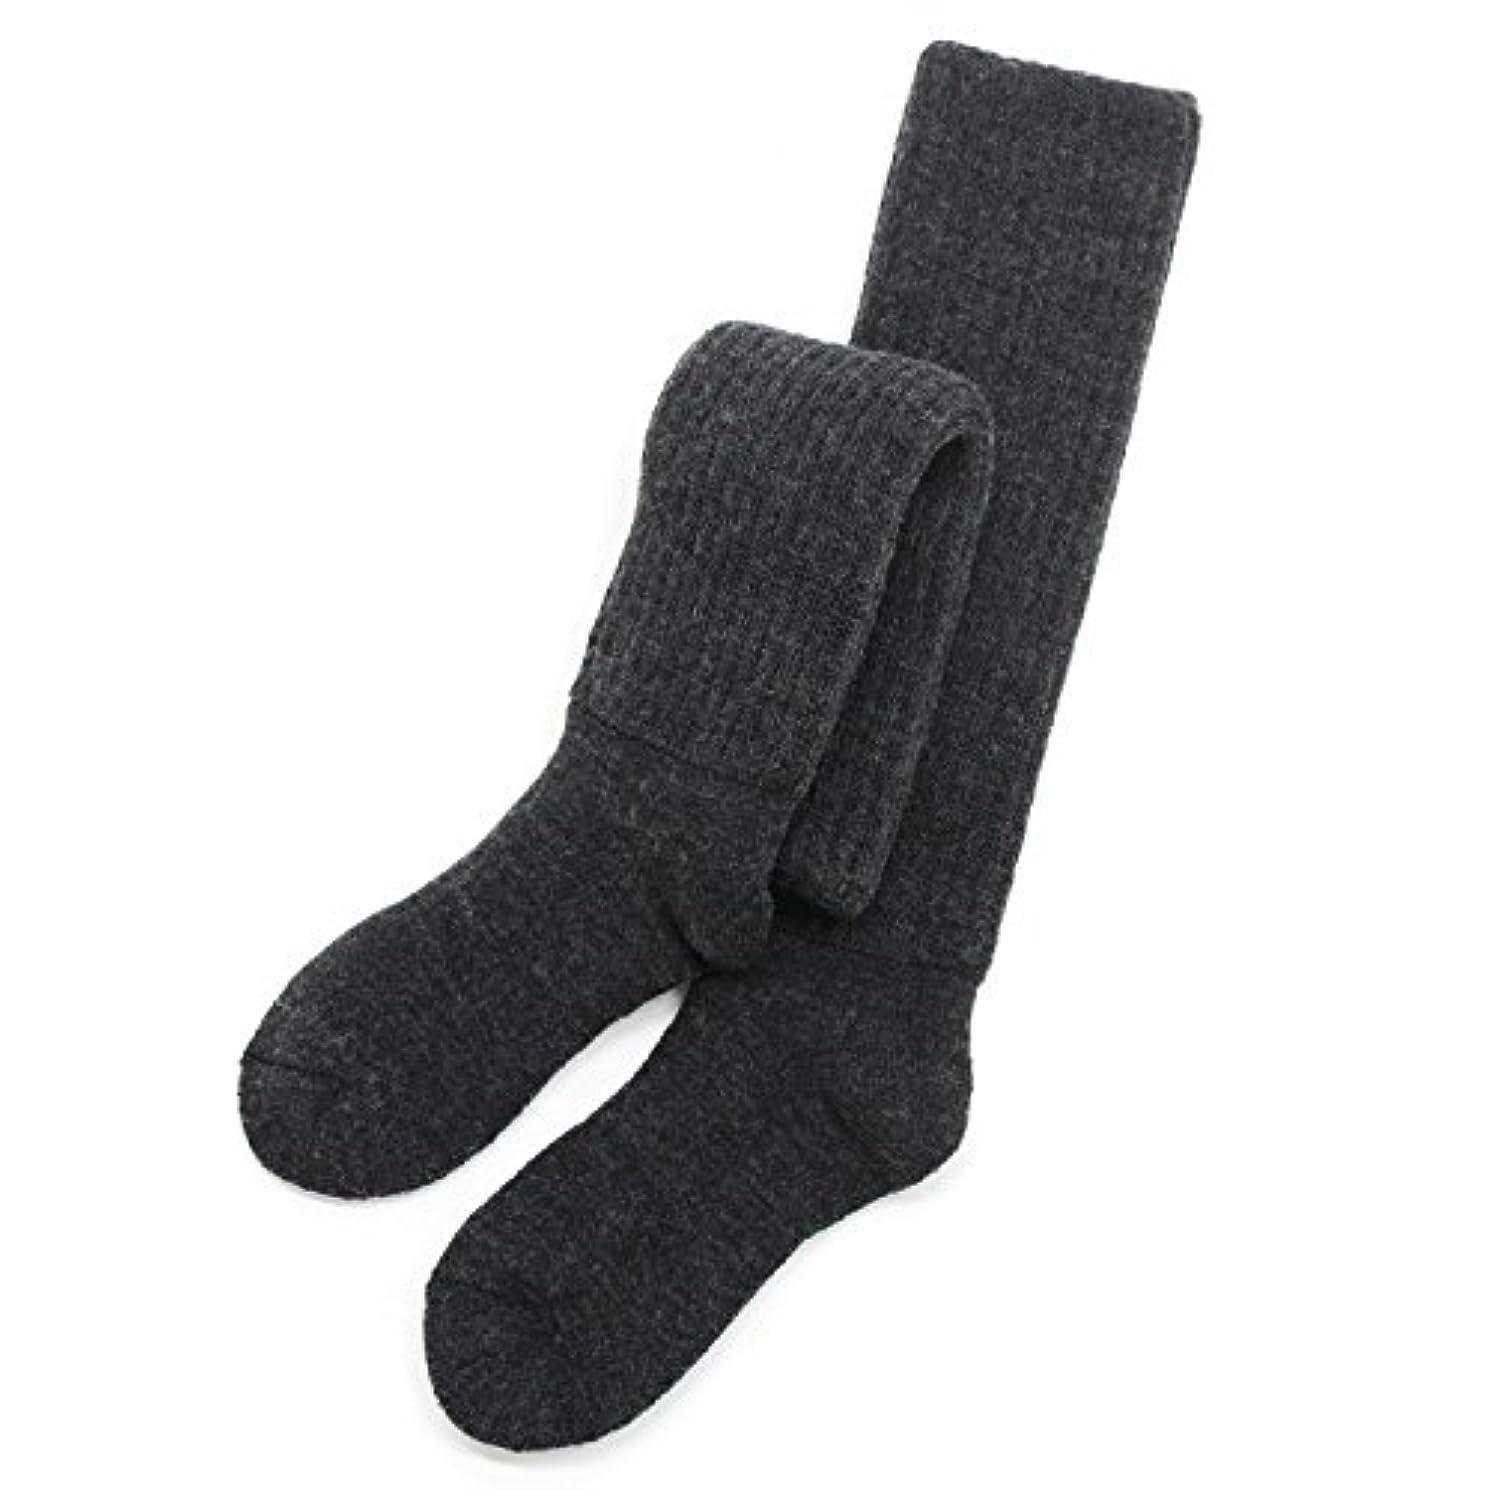 本物疾患湿ったhiorie(ヒオリエ) 日本製 冷えとり靴下 あったか 2重編み靴下 ハイソックス